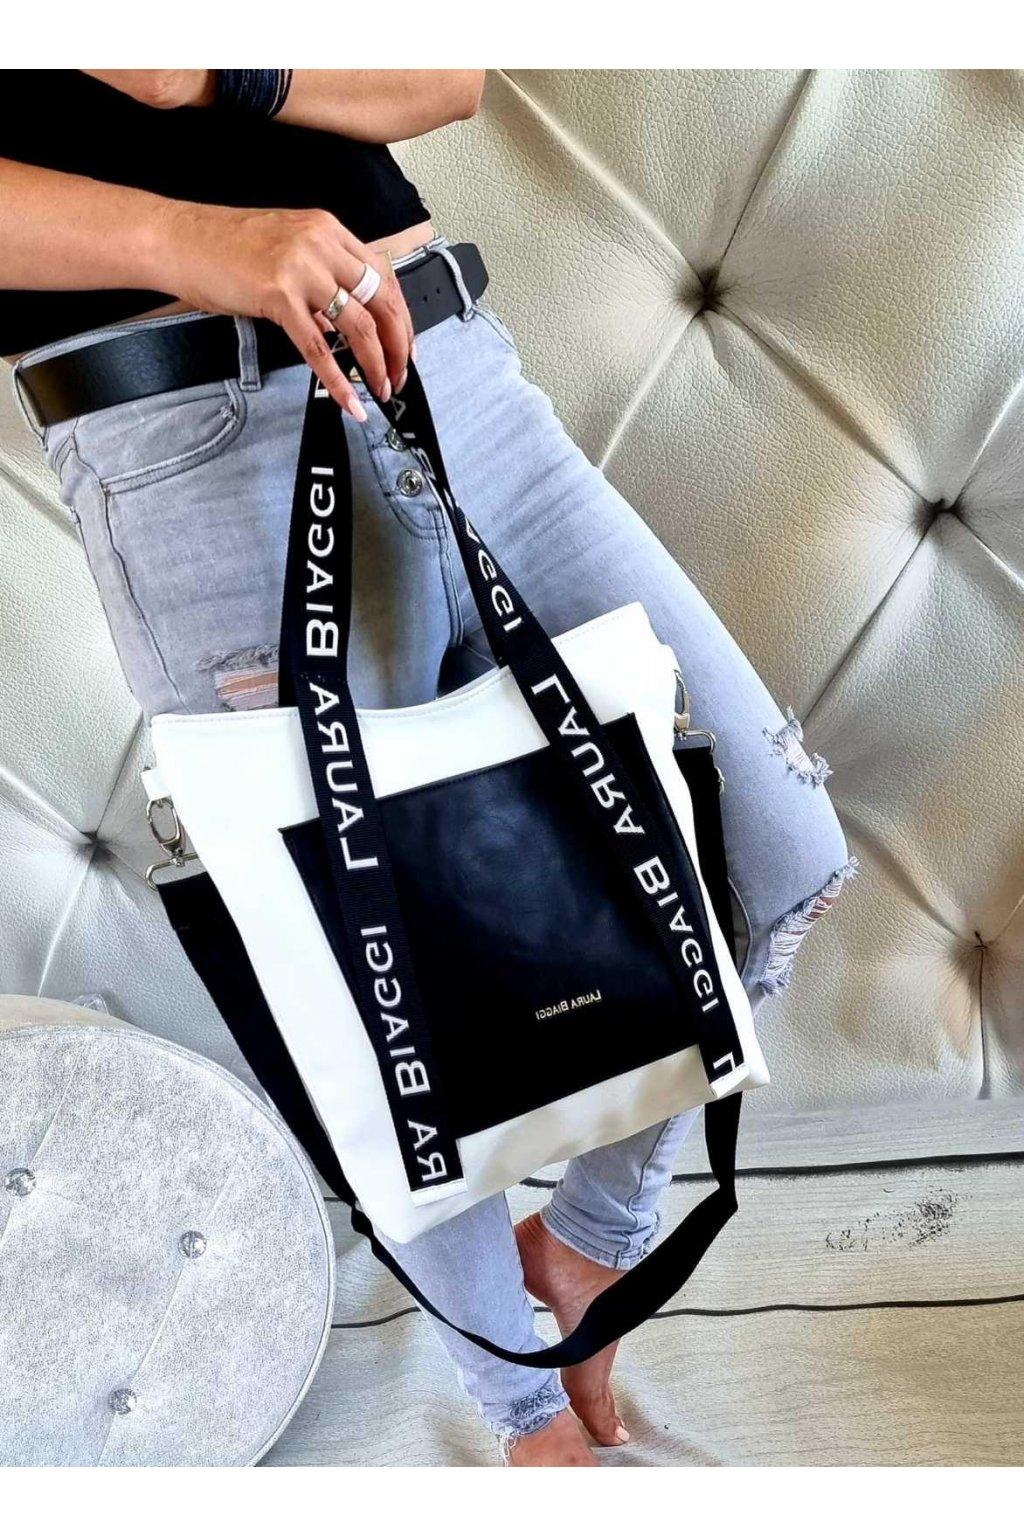 kabelka srndy černobílá laura biaggi značková luxusní kabelka